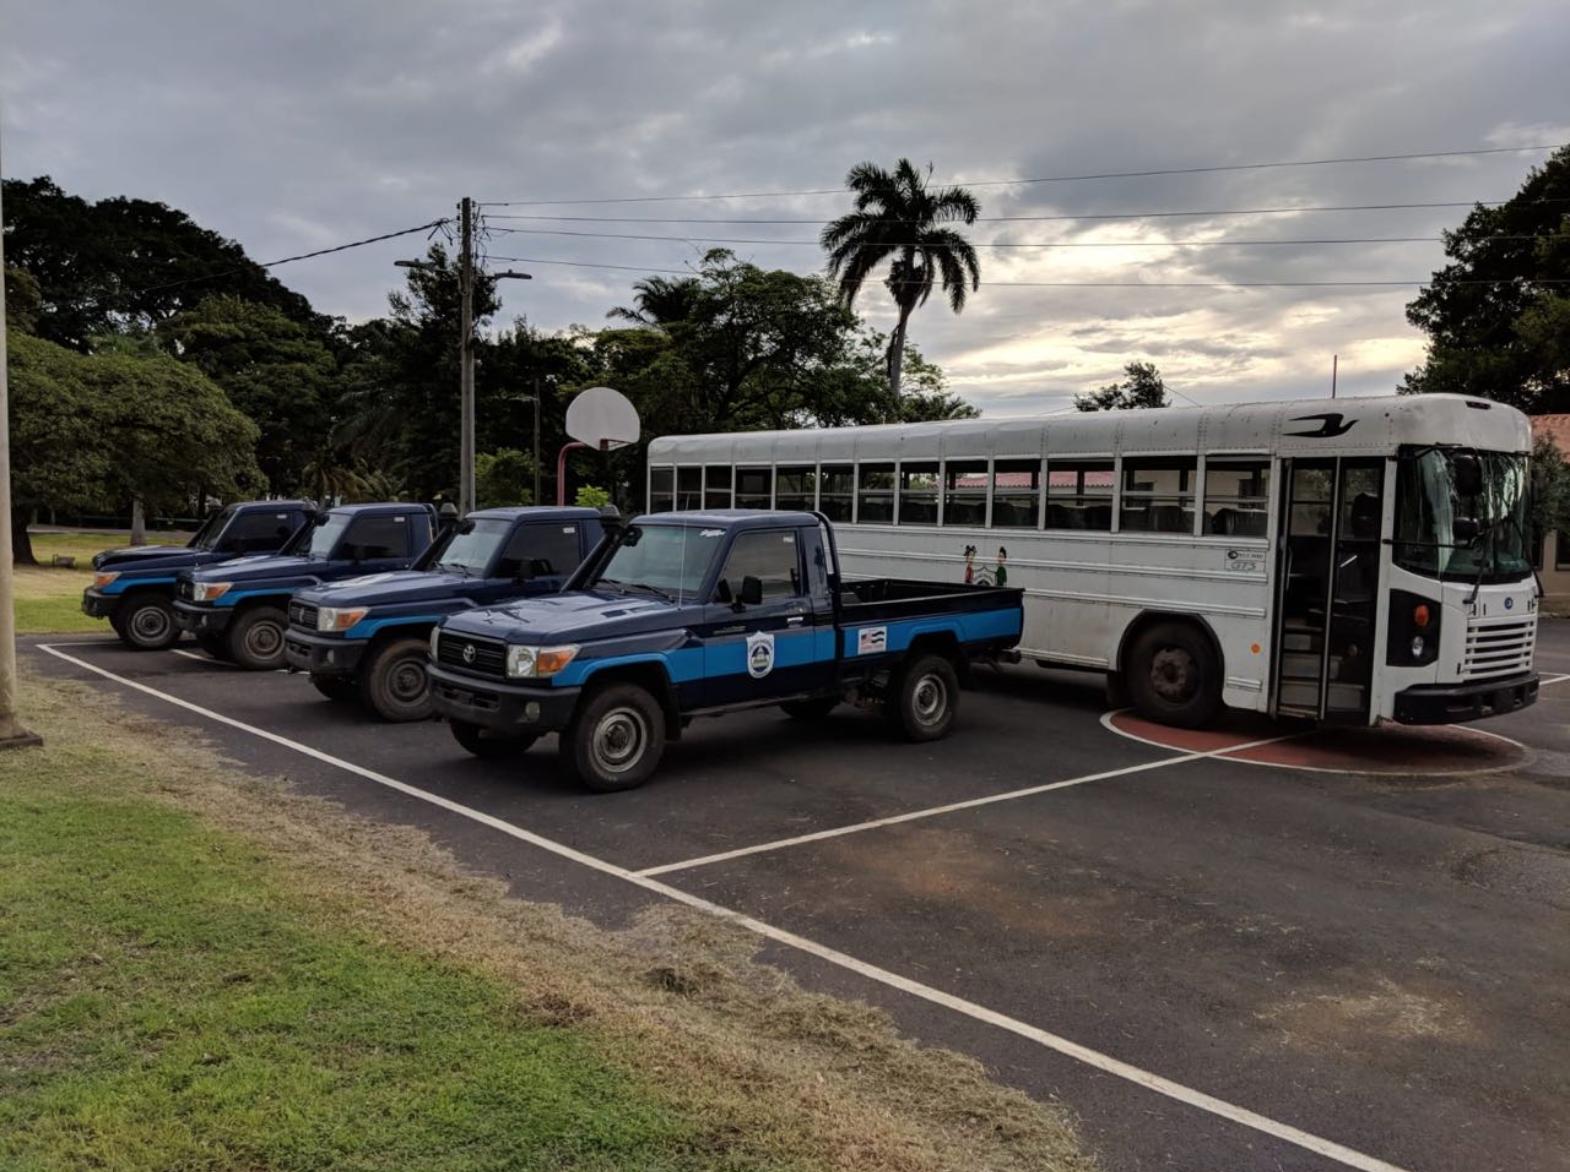 Embajada de EE. UU. pide a la Policía Nacional que devuelva vehículos donados que eran usados para reprimir